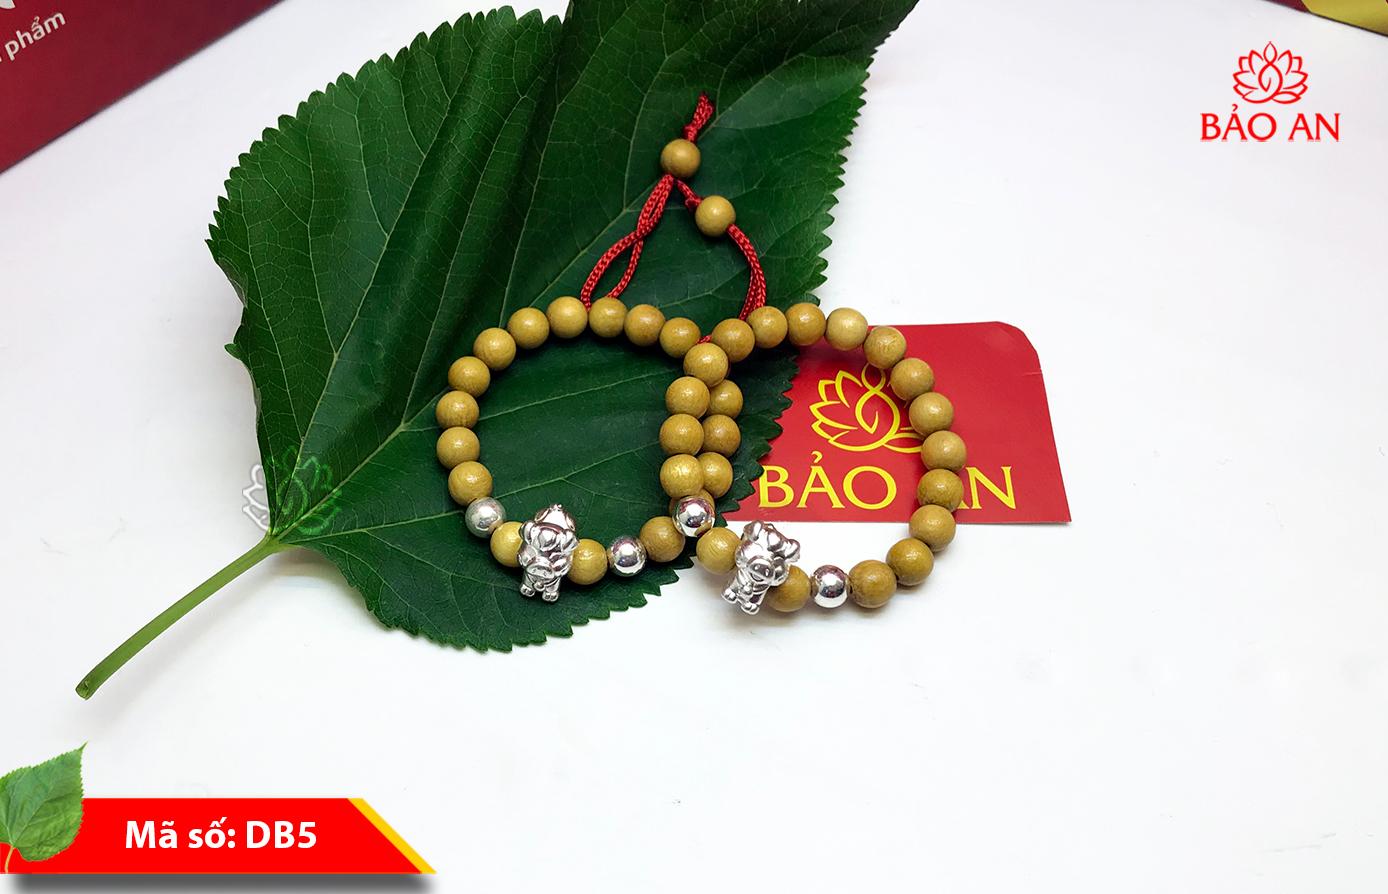 Vong-dau-tam-bao-an-DB5-A